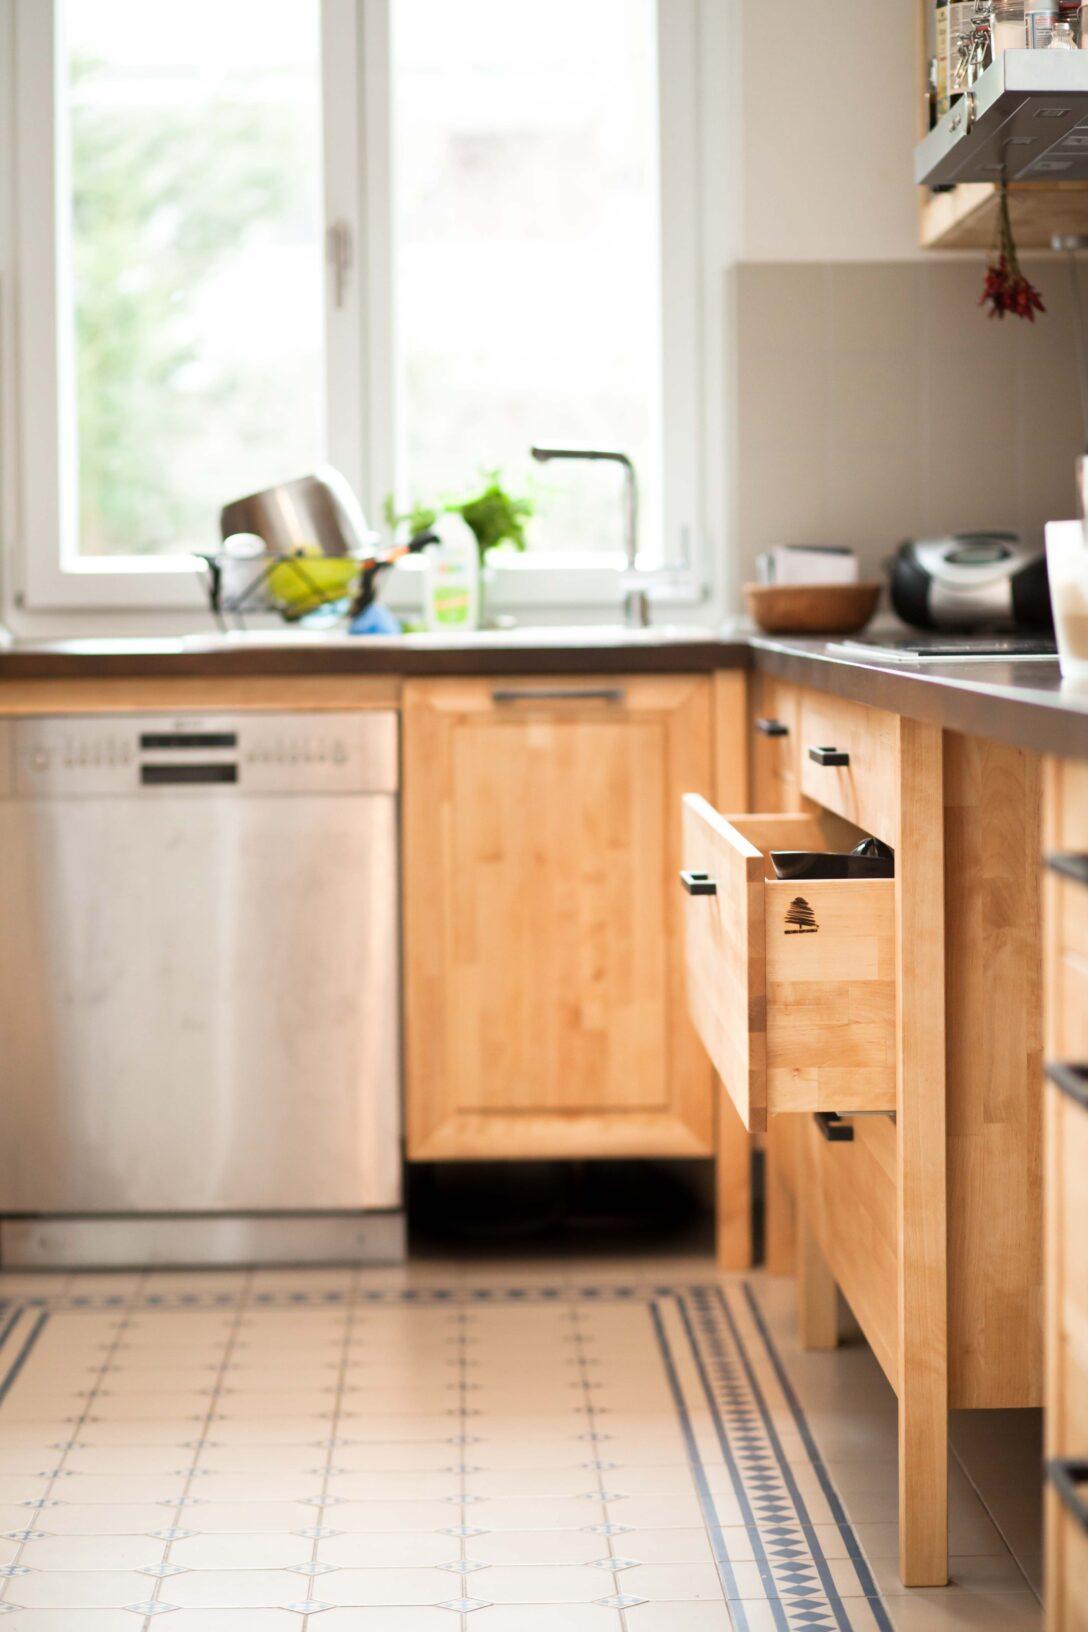 Large Size of Cocoon Modulküche Komplette Kche Aus Massivholz Kchenmodulen Von Einbaukche Holz Ikea Wohnzimmer Cocoon Modulküche